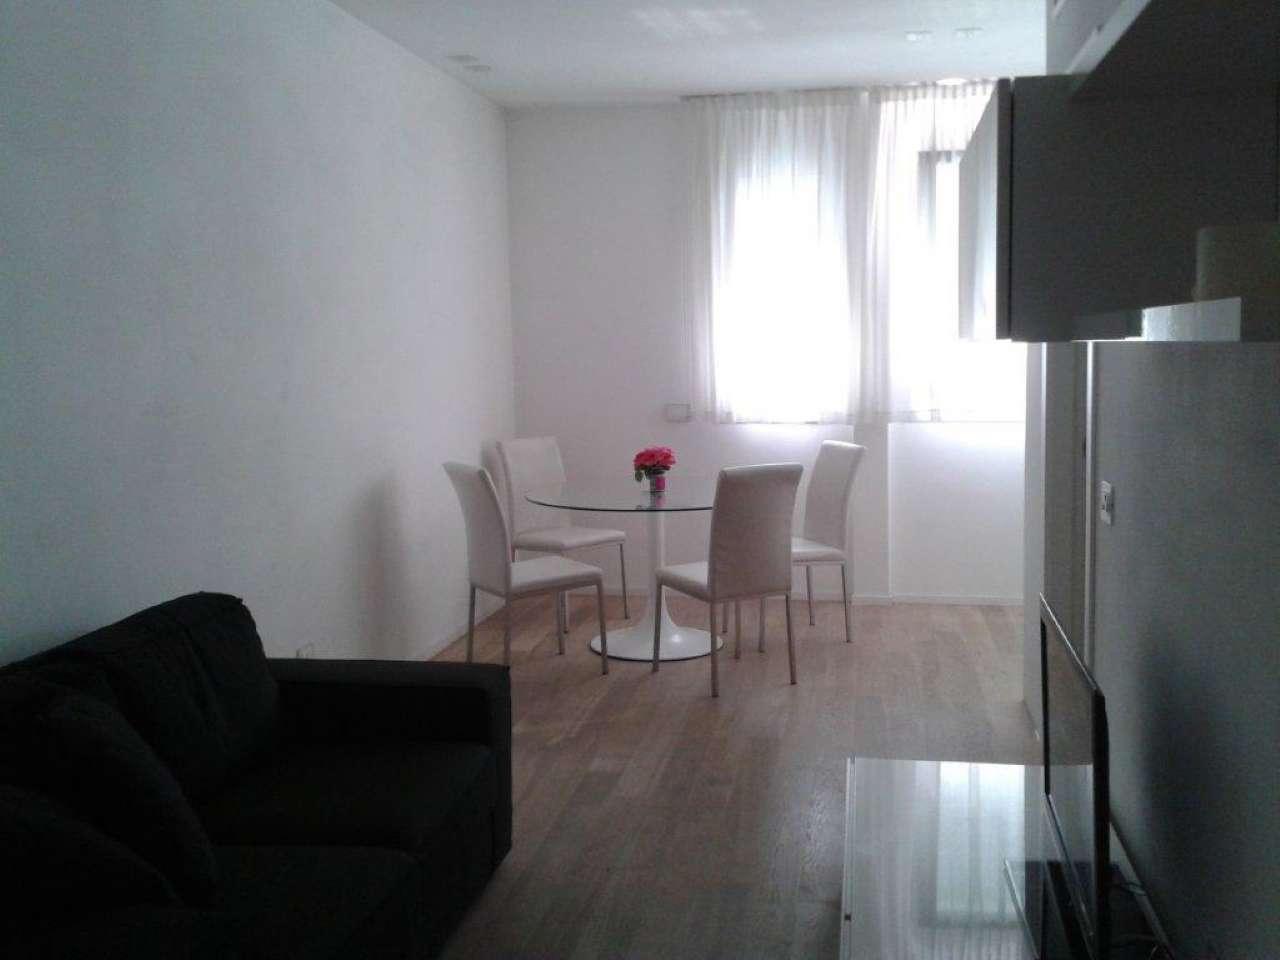 Appartamento in affitto a Padova, 2 locali, zona Zona: 1 . Centro, prezzo € 700 | Cambio Casa.it